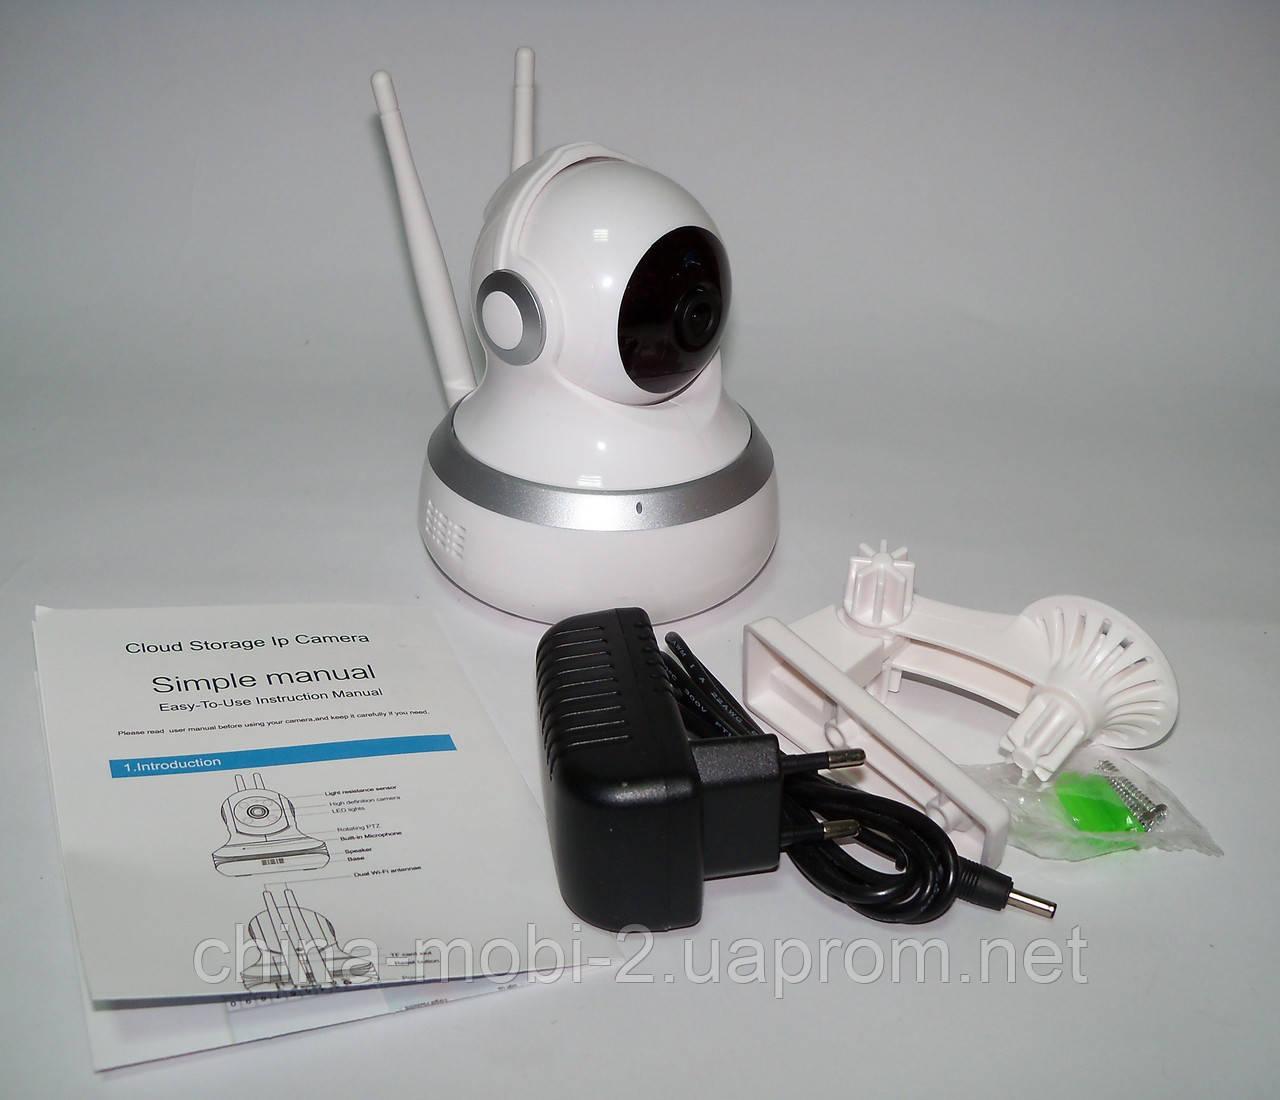 Управляемая поворотная 360' камера c WiFi IP APP сигнализацией P2P CIPC-GC13HF ночная подсветка  видеоняня